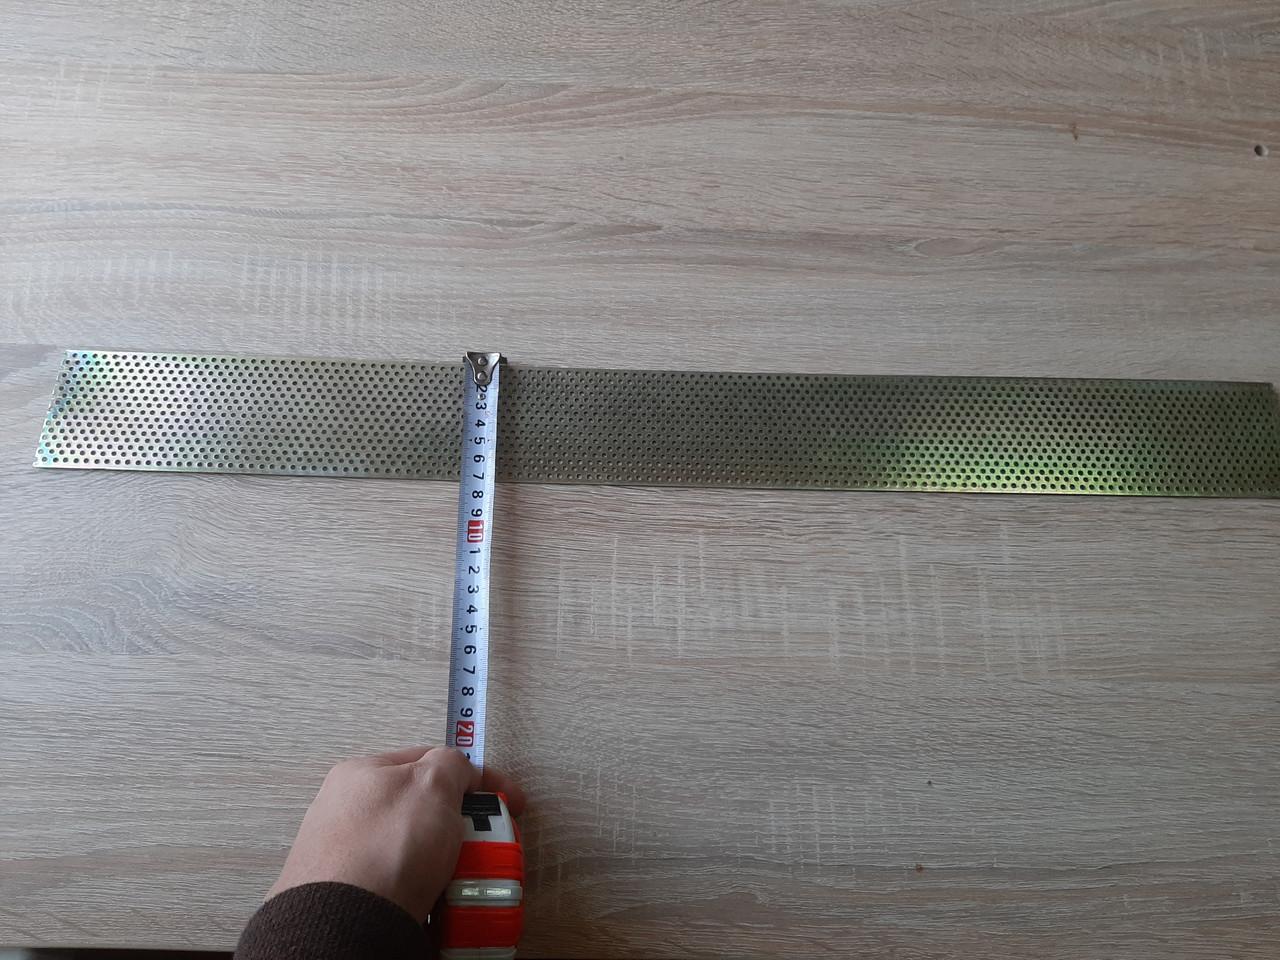 Сито (Решето) кормоизмельчителя 4,0 мм ДТЗ КР-01 02 03 (КР01, КР02, КР03).